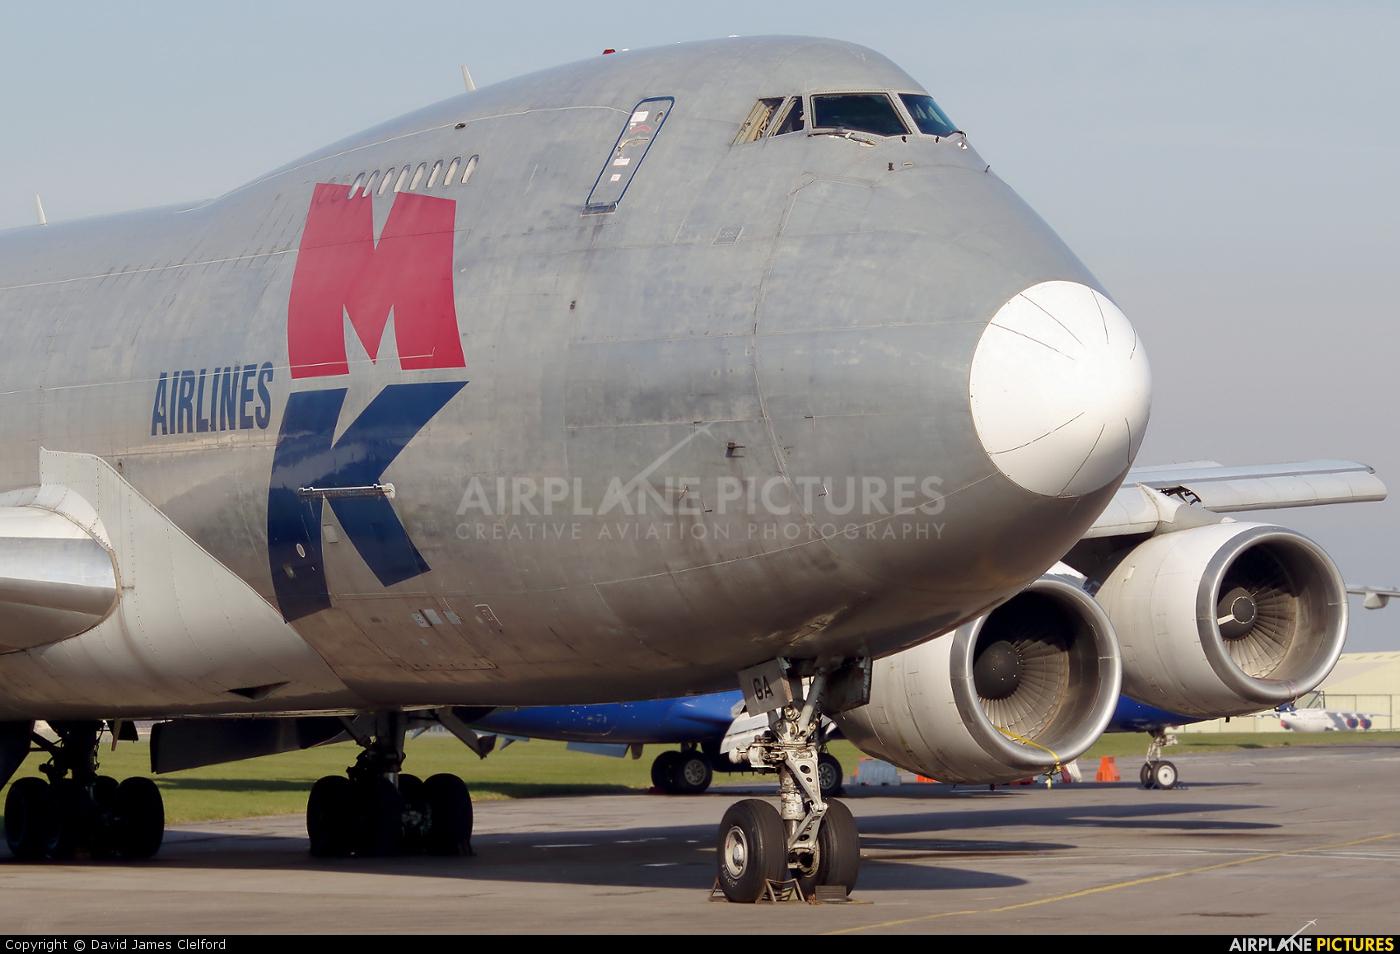 MK Airlines G-MKGA aircraft at Kemble